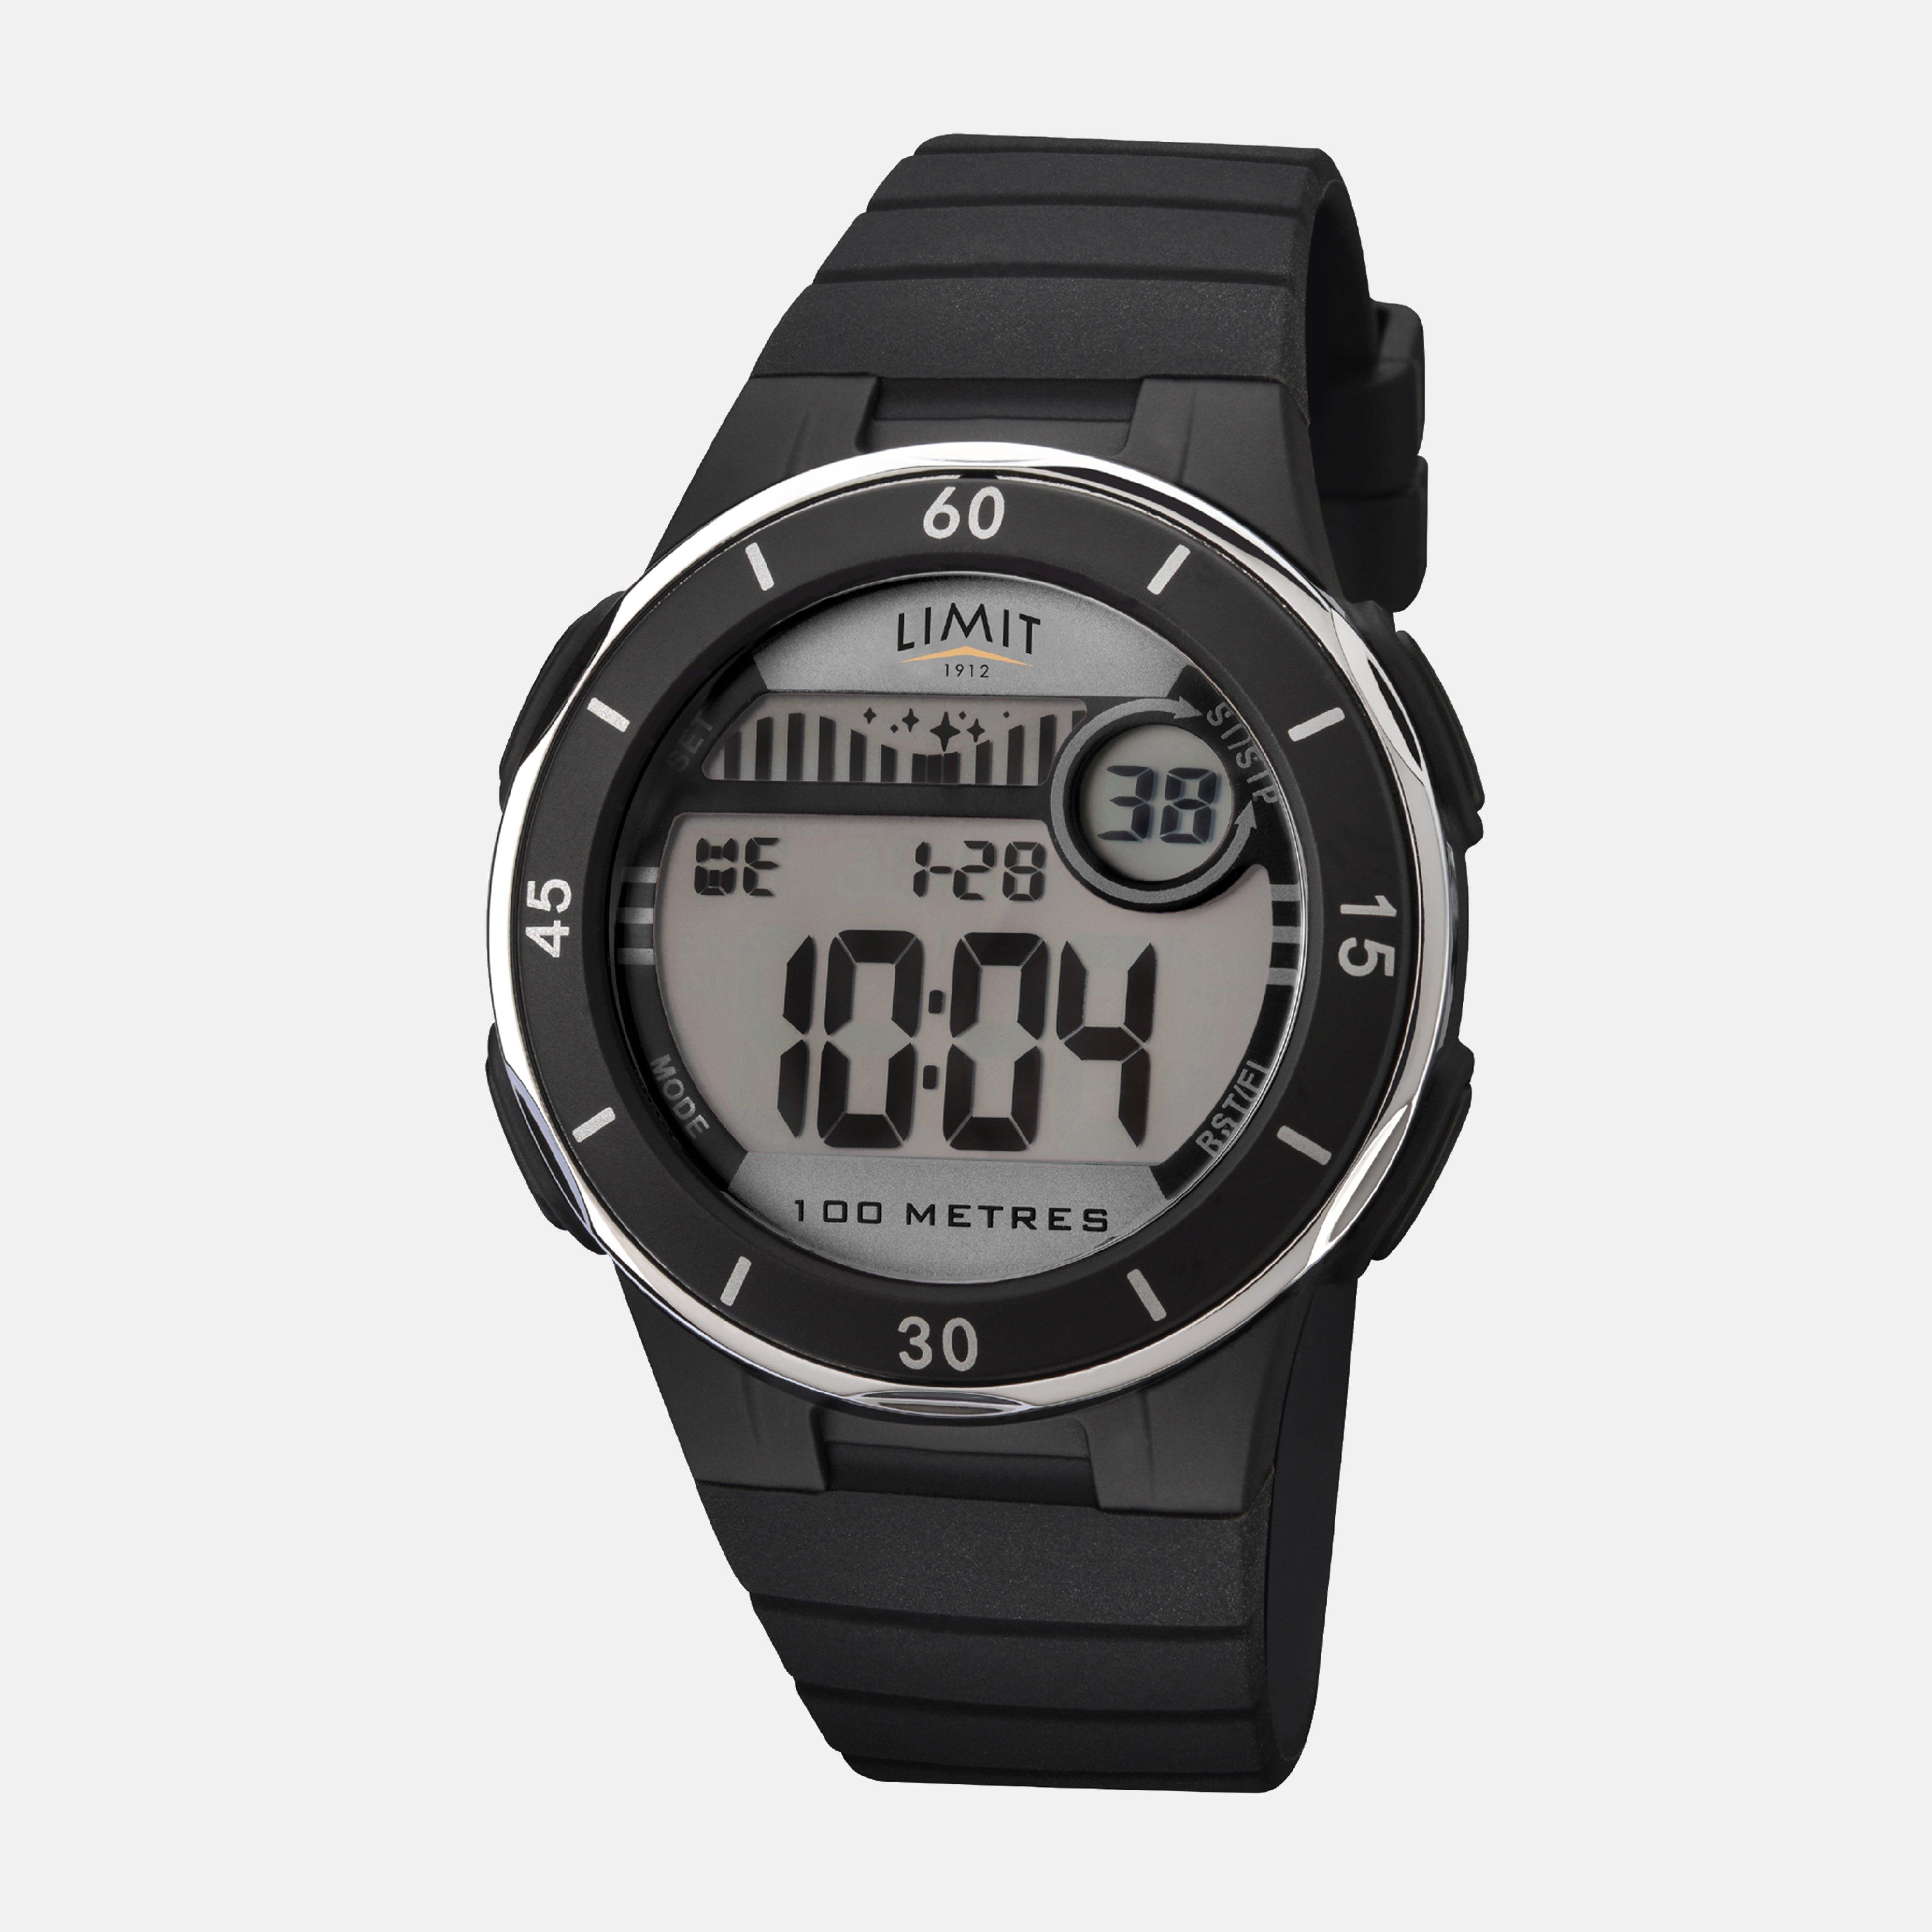 Limit Limit Active Digital Sports Watch, Black